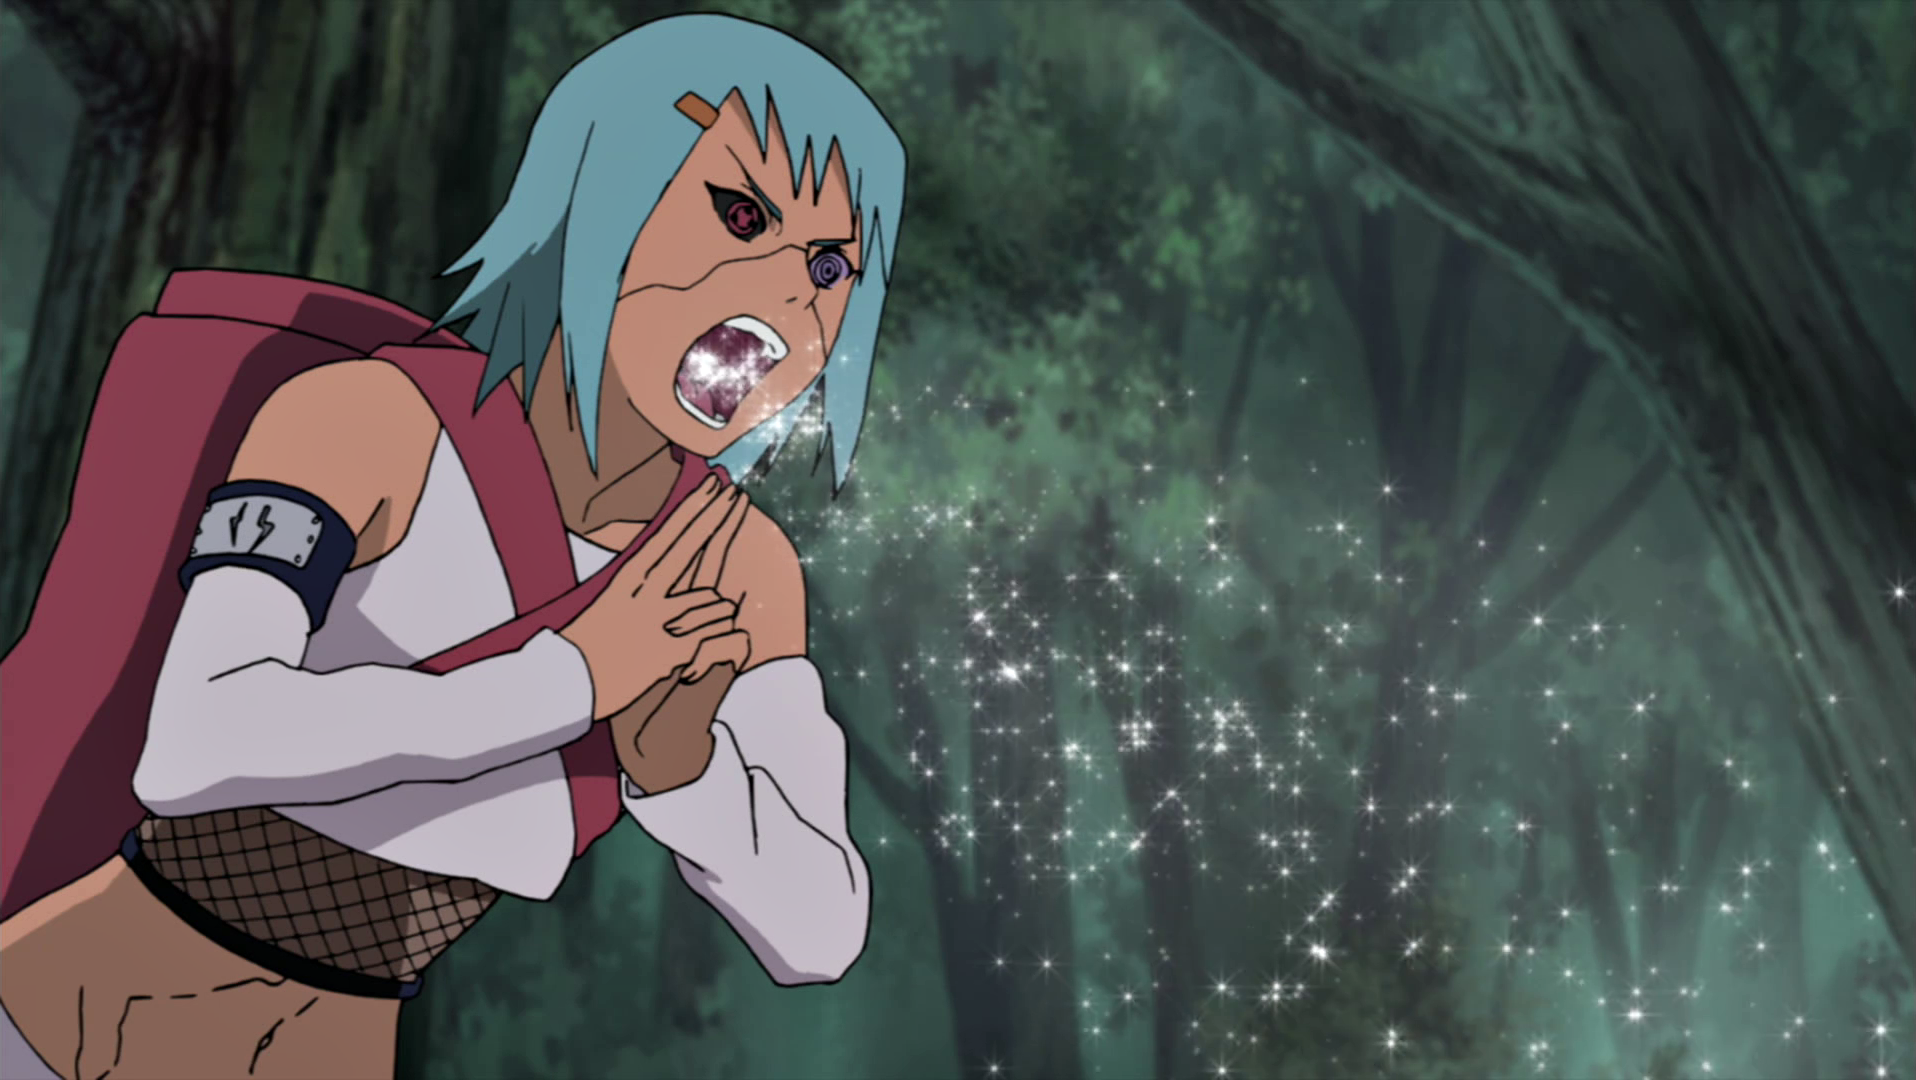 Anime hentai izumo episodio 2 parte 2 memorias do passado - 1 2